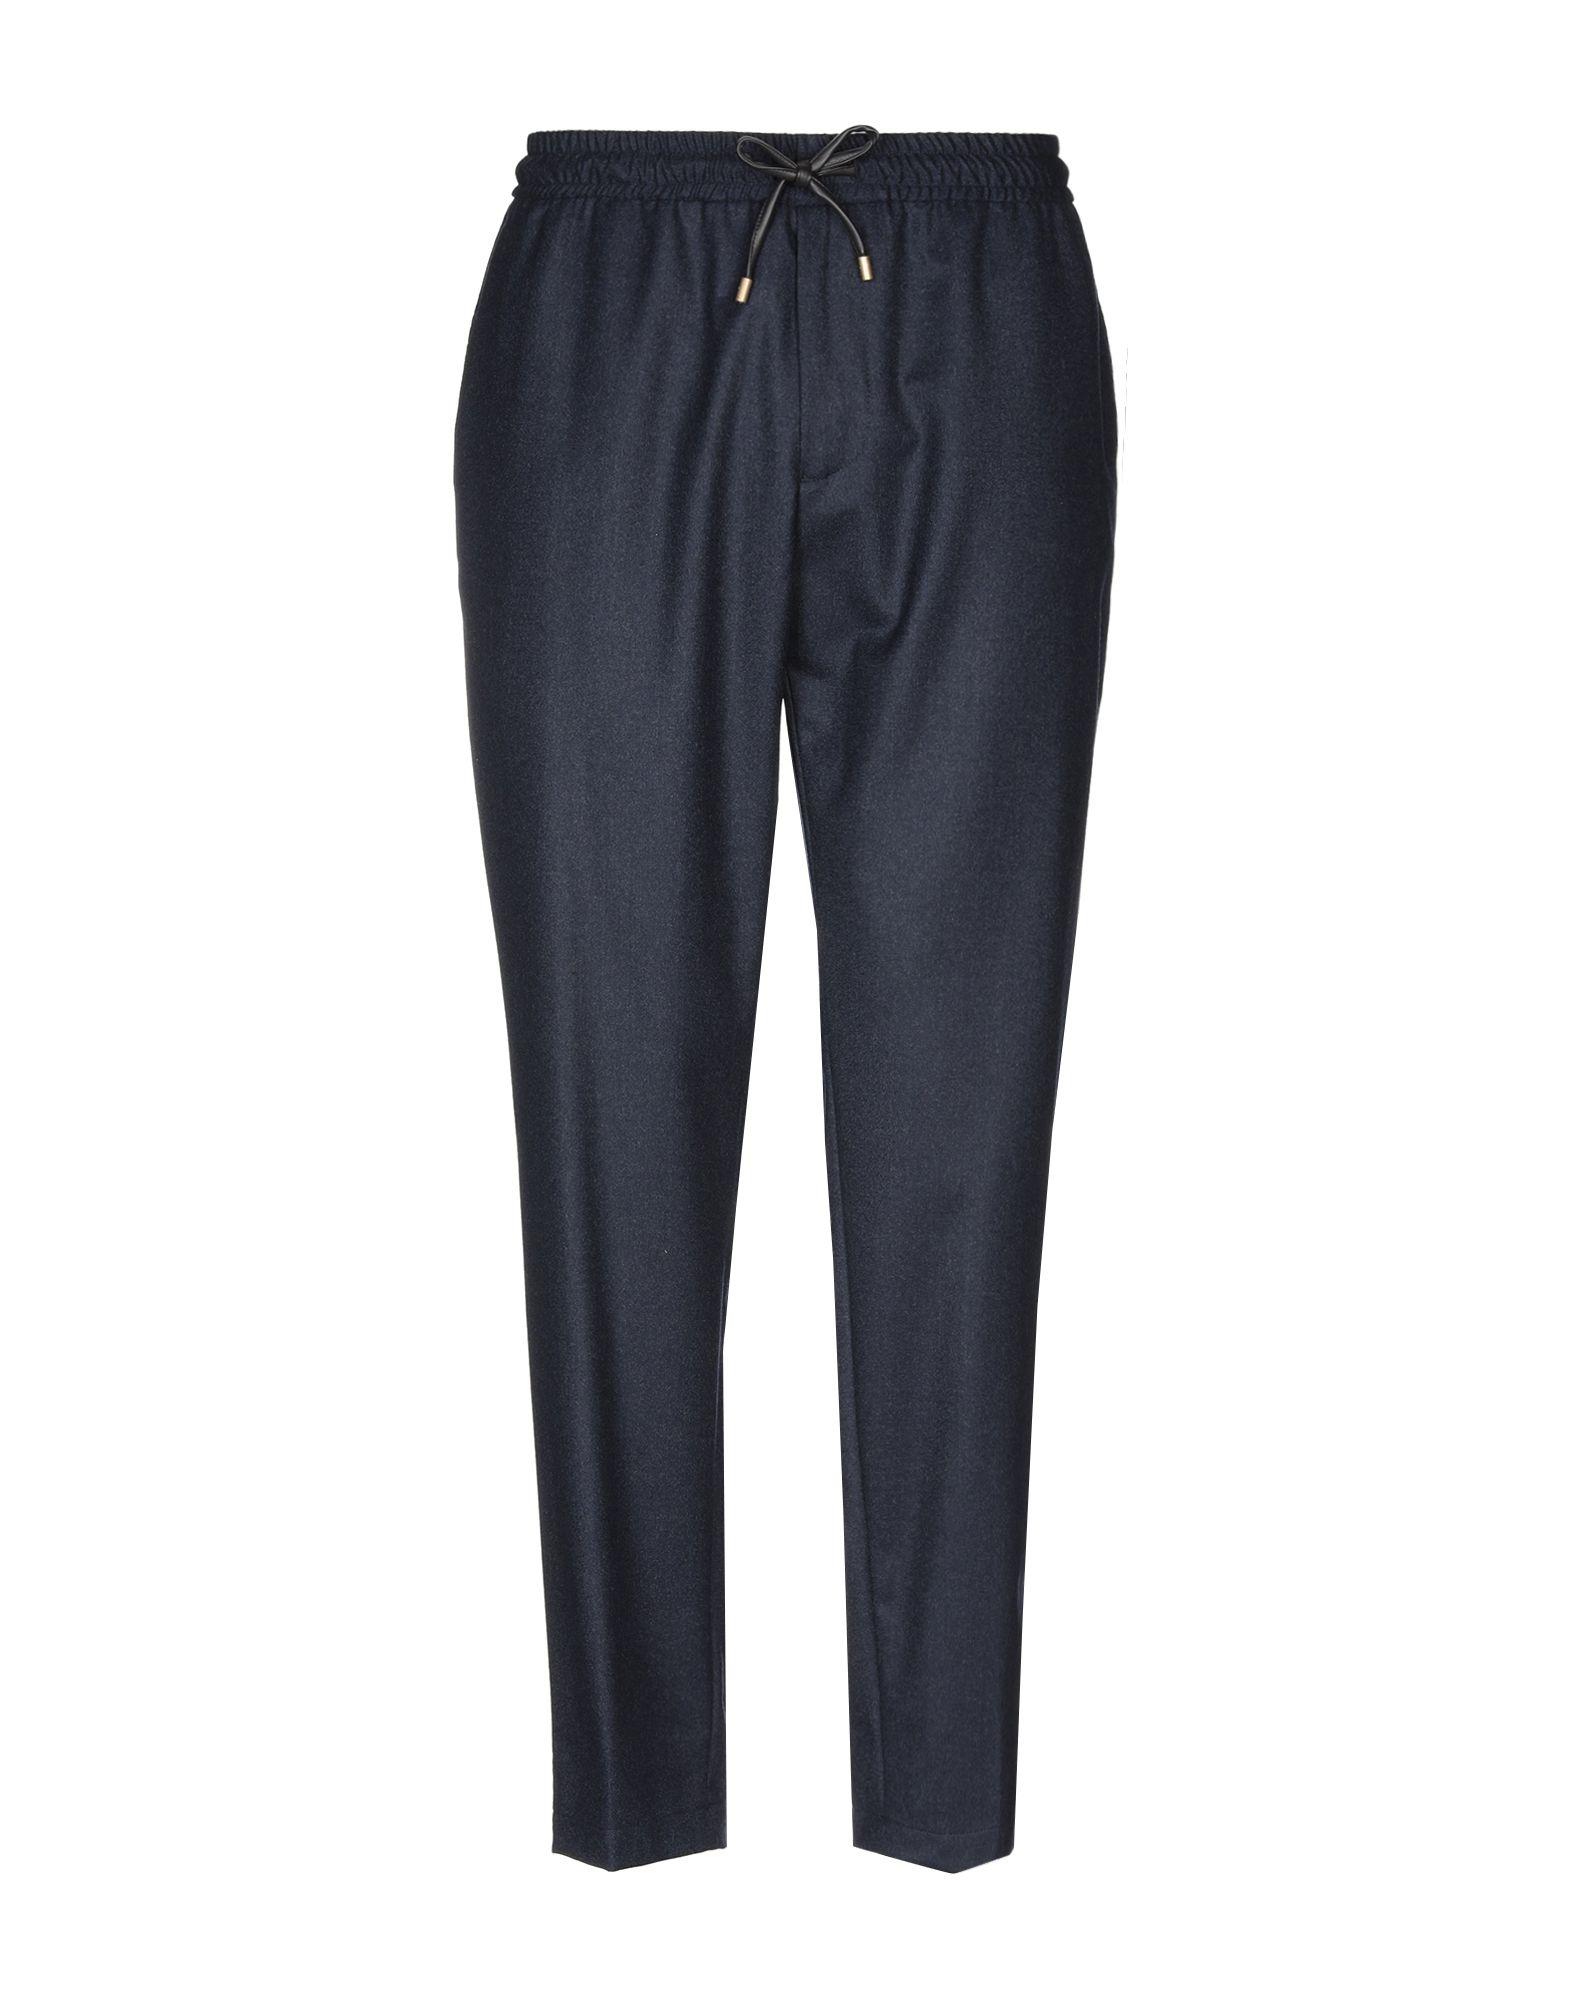 《送料無料》BERNARDO GIUSTI メンズ パンツ ダークブルー 54 ウール 100%